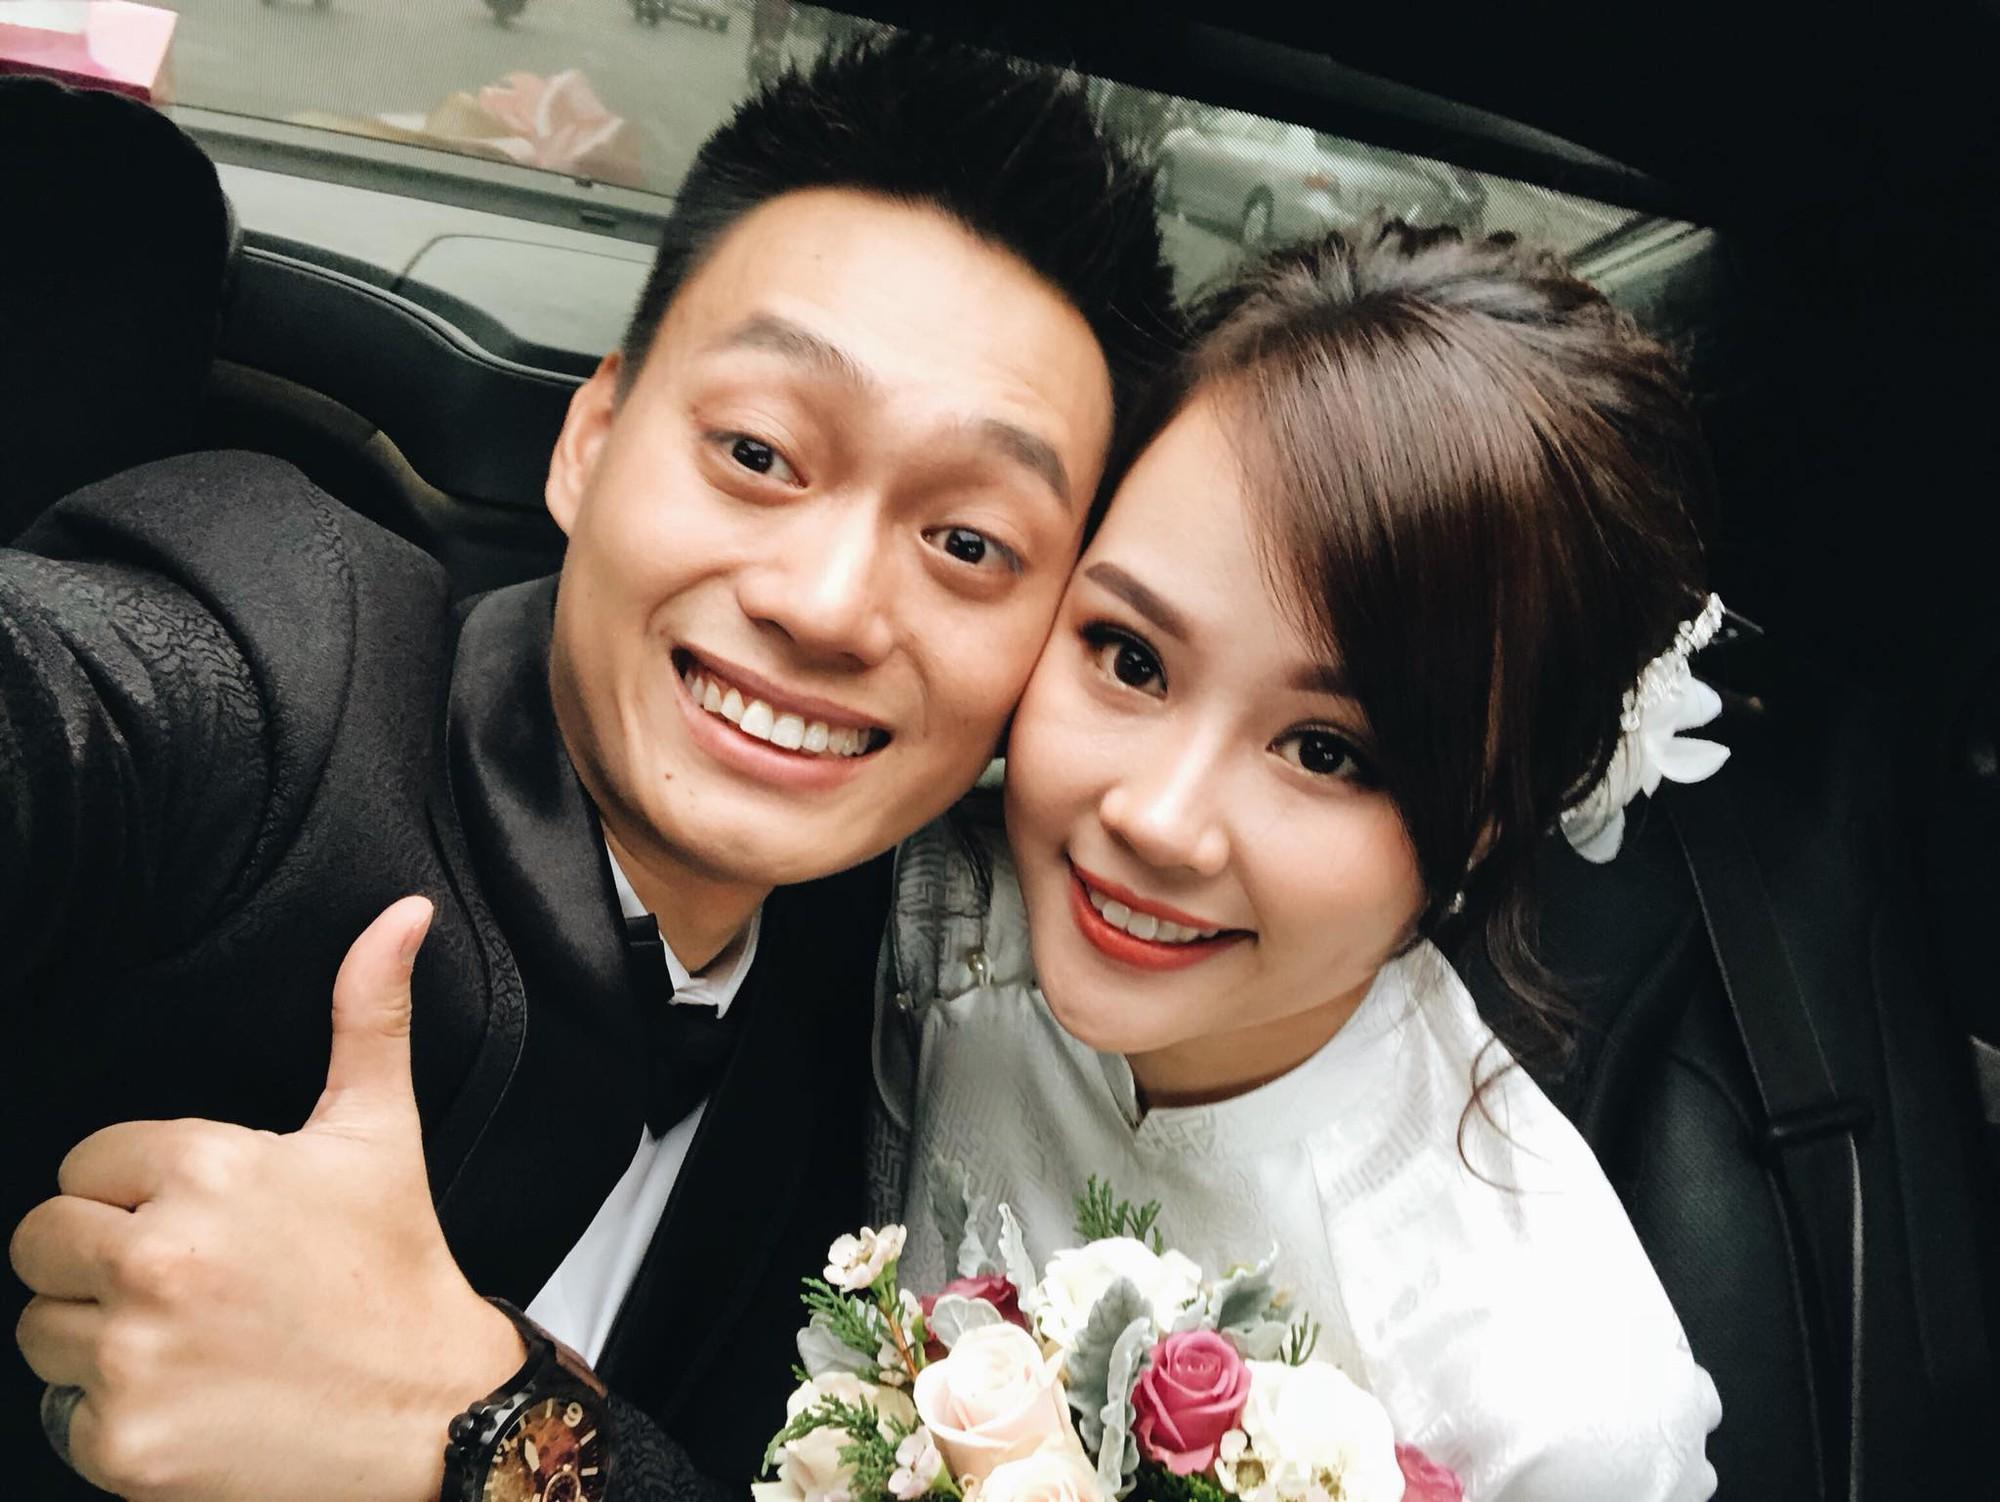 Hôm nay Nhật Anh Trắng cưới vợ, dân mạng xuýt xoa vì quá đẹp đôi - Ảnh 1.